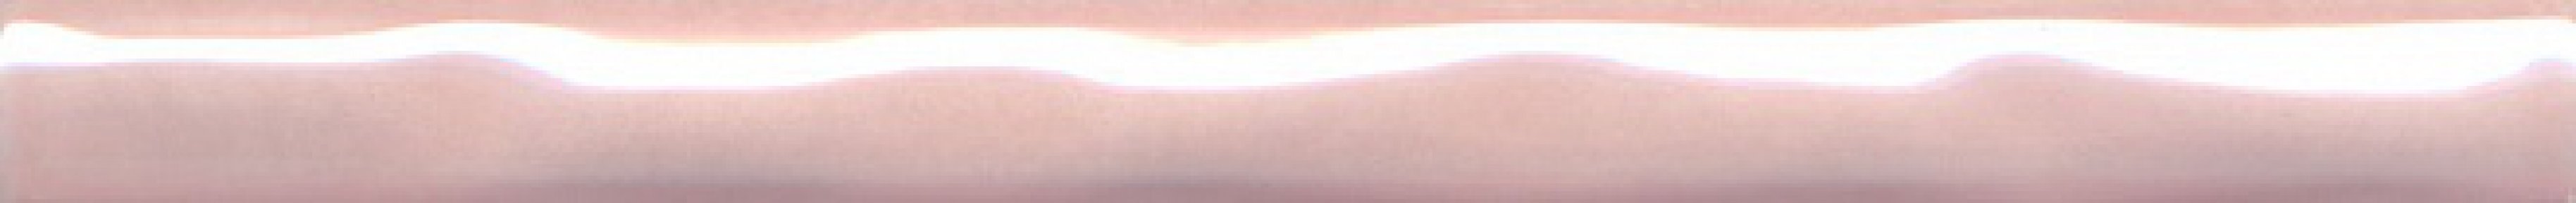 ФОСКАРИ Розовый Карандаш 25*2 PWB001